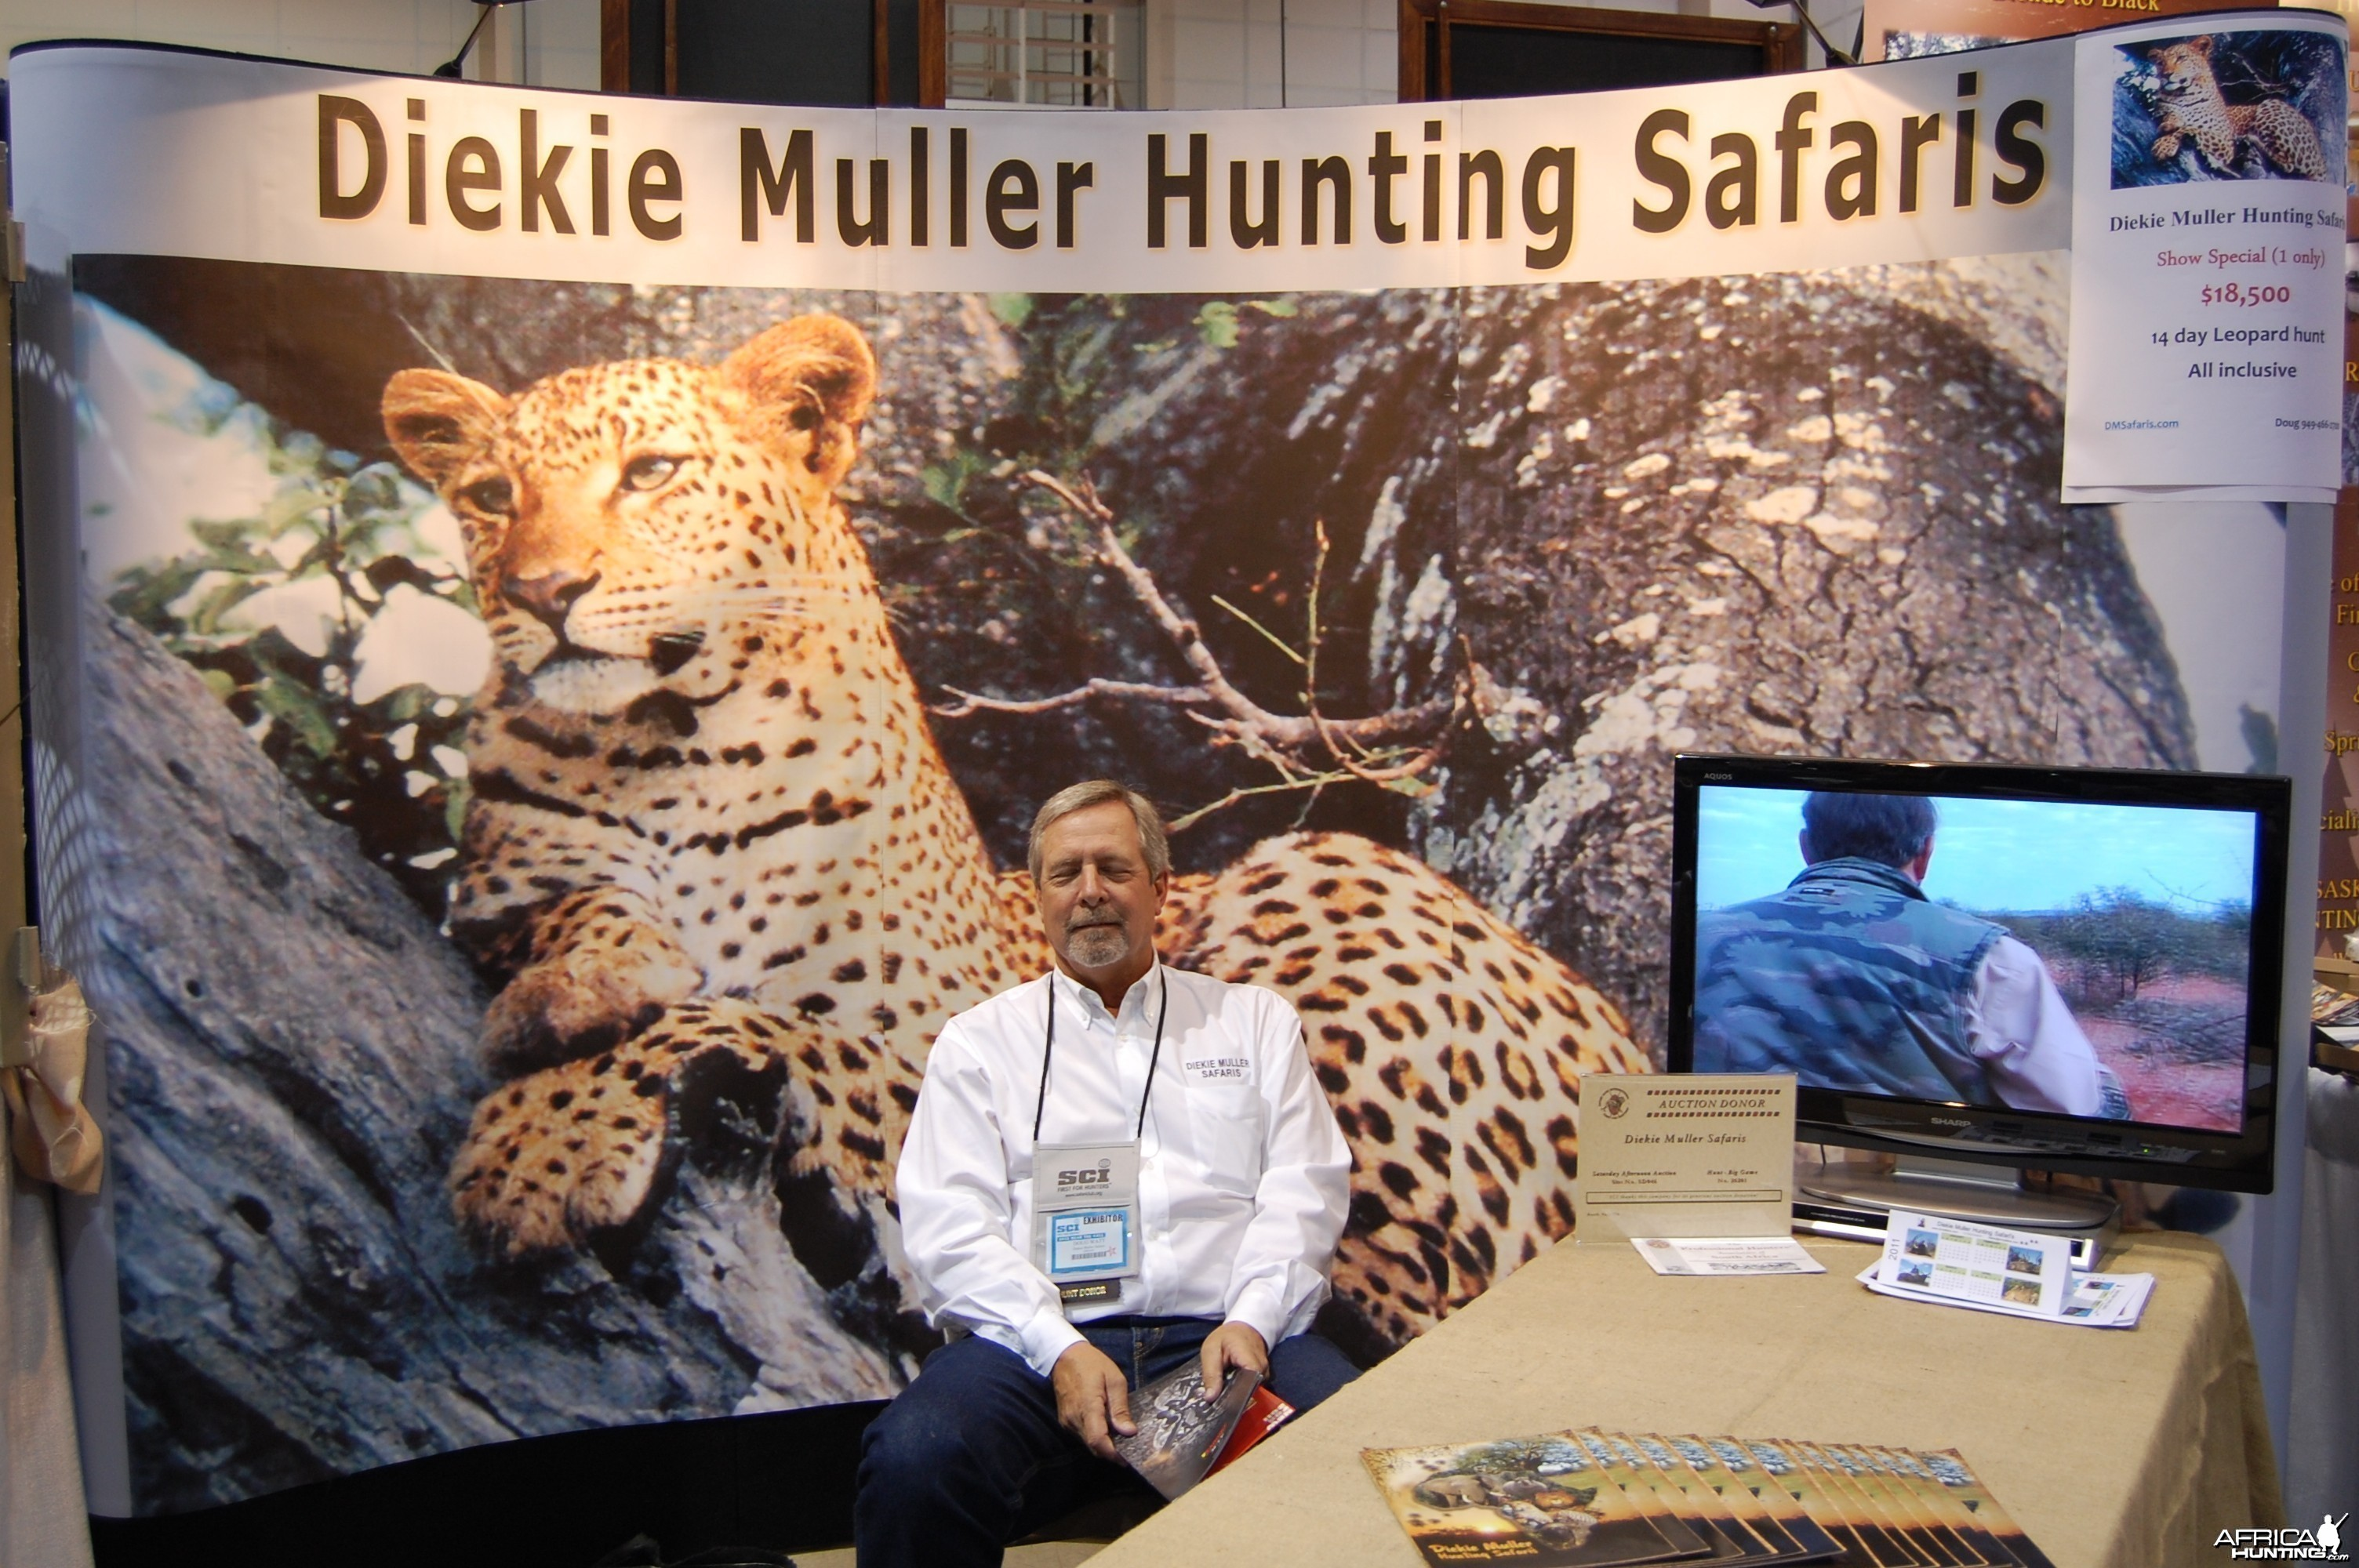 Dieke Muller Hunting Safaris